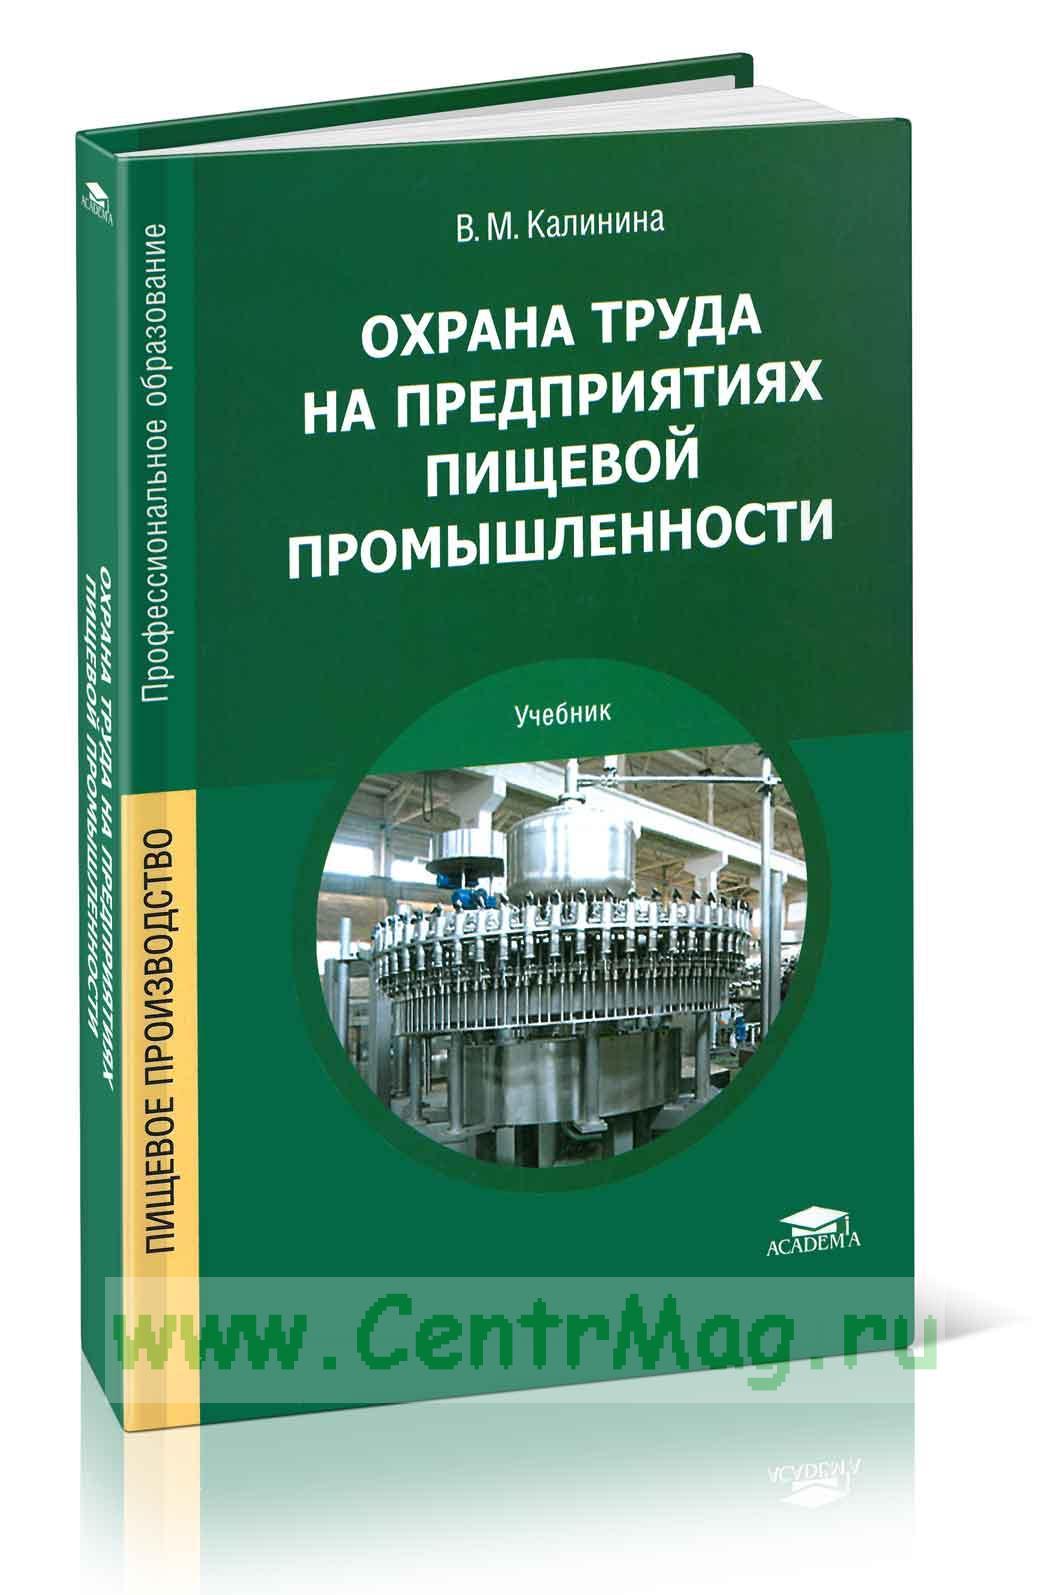 Охрана труда на предприятиях пищевой промышленности: учебник (5-е издание, исправленное)